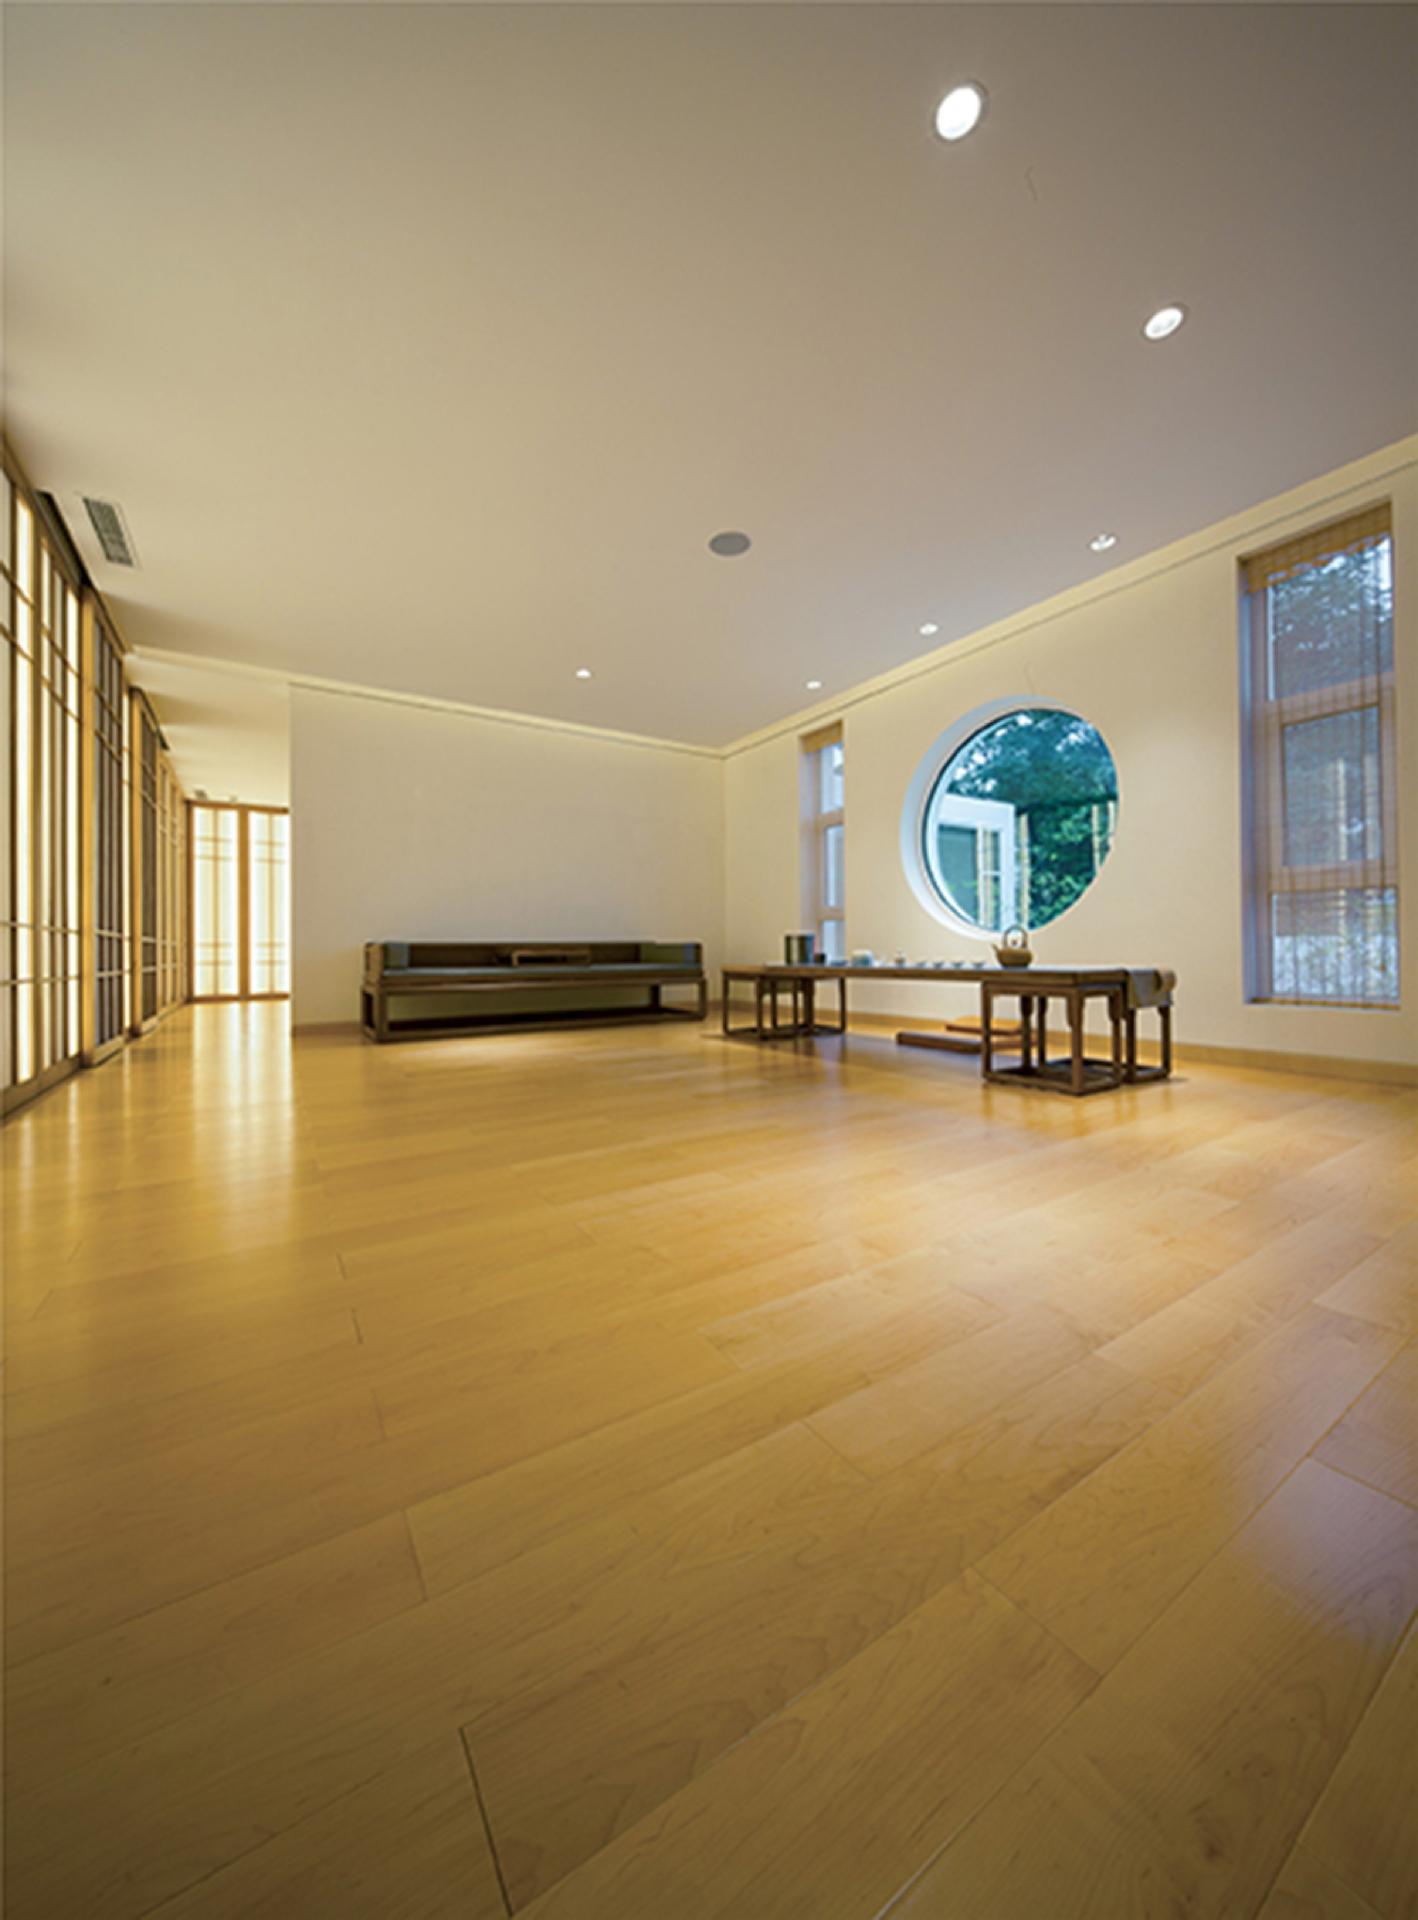 He Wei: Zen & Tea Chamber in Peking